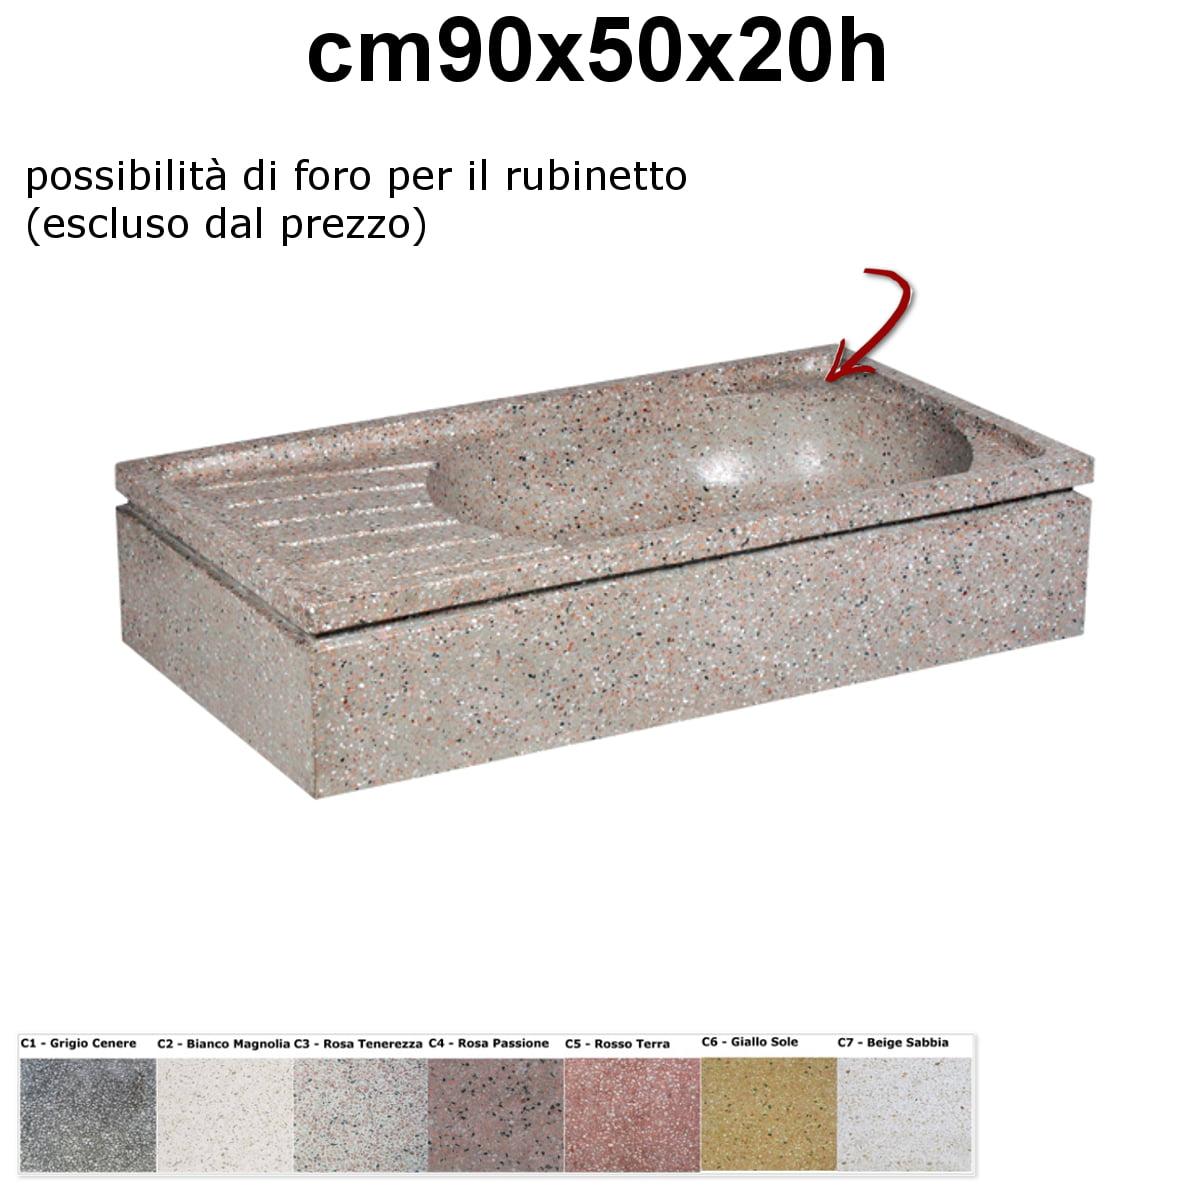 Lavelli da esterno pl202 vasca ovale - Lavandini da esterno ...